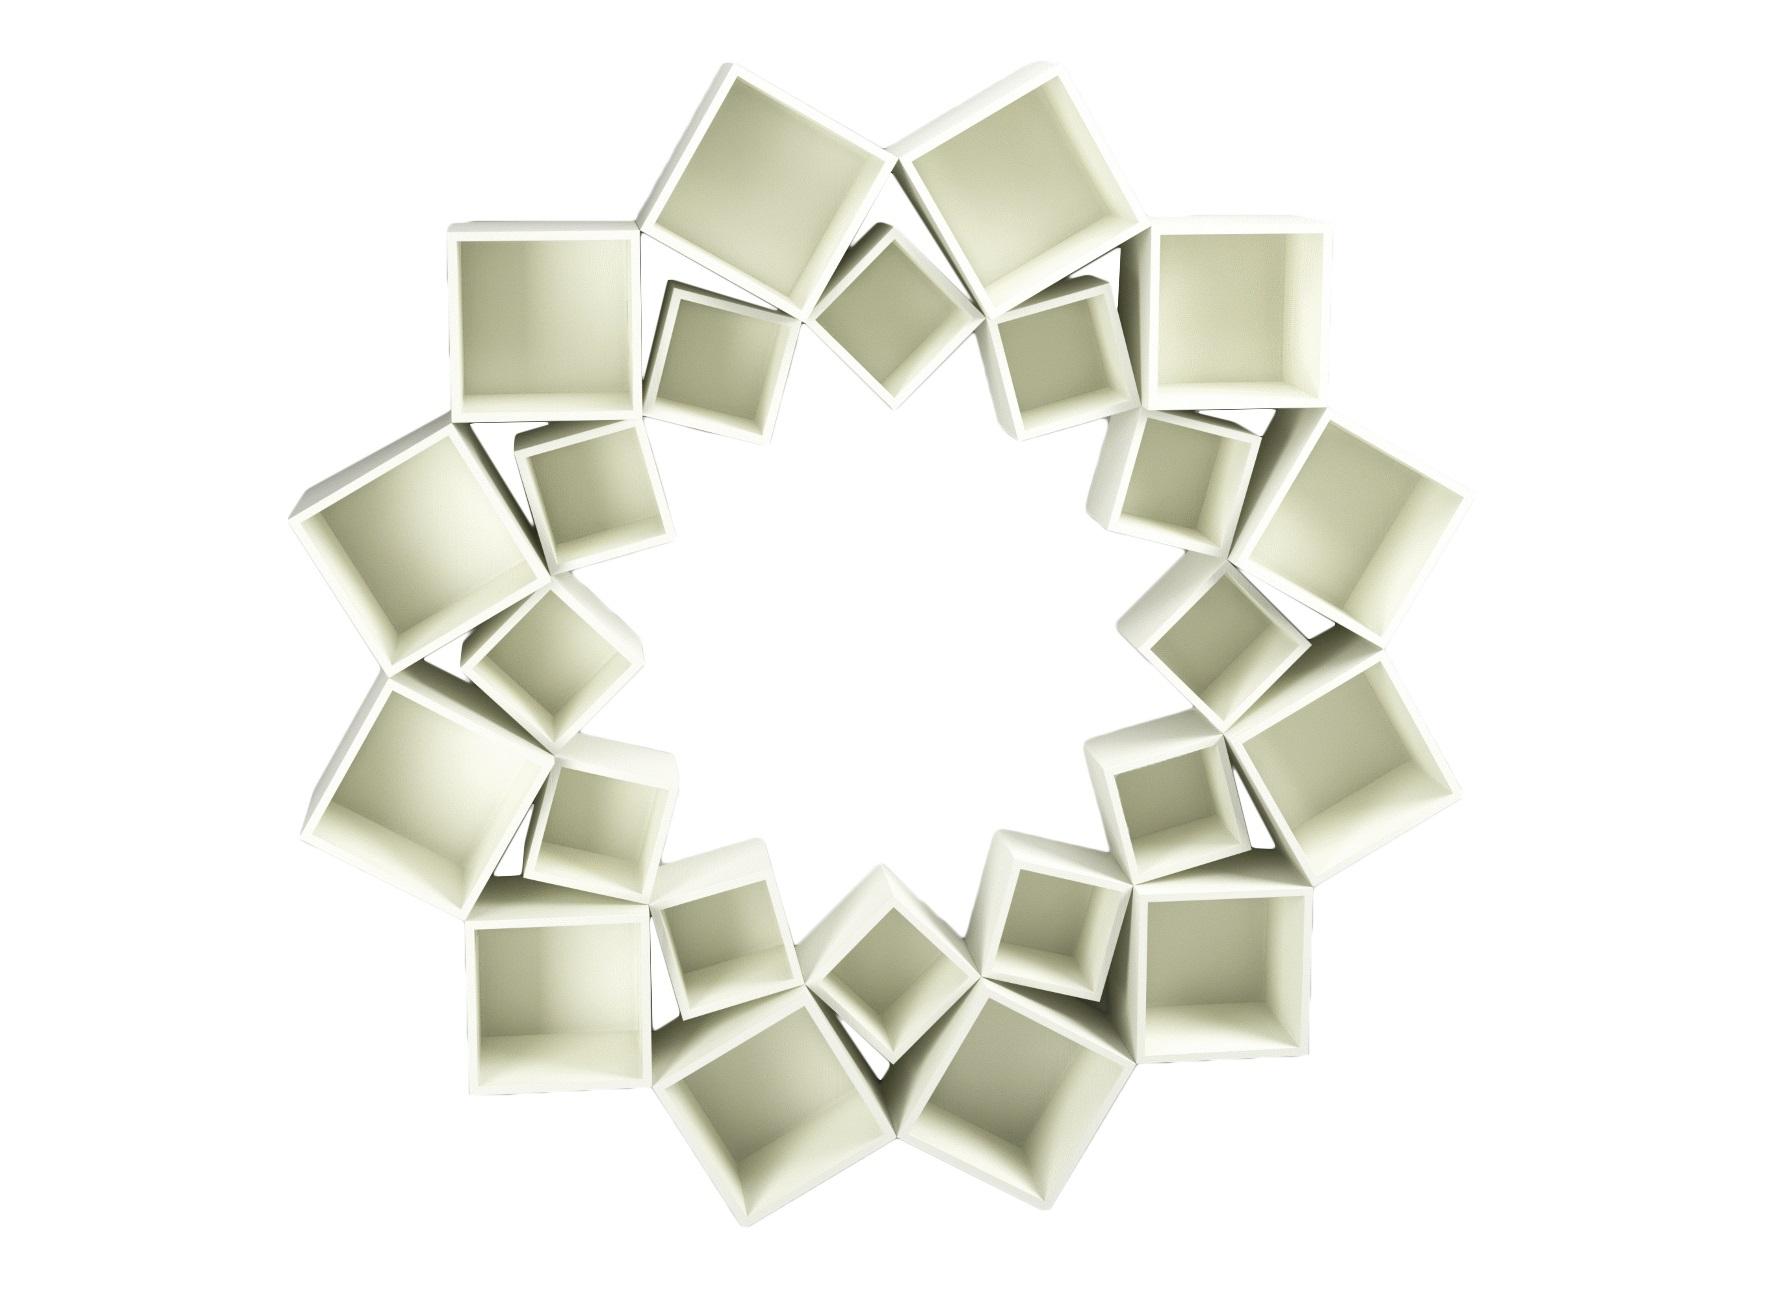 Стеллаж Лотос 2 кругаСтеллажи и этажерки<br>&amp;lt;div&amp;gt;Потрясающий стеллаж из трех кругов квадратов!&amp;amp;nbsp;&amp;lt;br&amp;gt;&amp;lt;/div&amp;gt;&amp;lt;div&amp;gt;&amp;lt;br&amp;gt;&amp;lt;/div&amp;gt;&amp;lt;div&amp;gt;Материал: МДФ, шпон&amp;amp;nbsp;&amp;lt;/div&amp;gt;<br><br>Material: МДФ<br>Depth см: 30<br>Height см: 210<br>Diameter см: 210